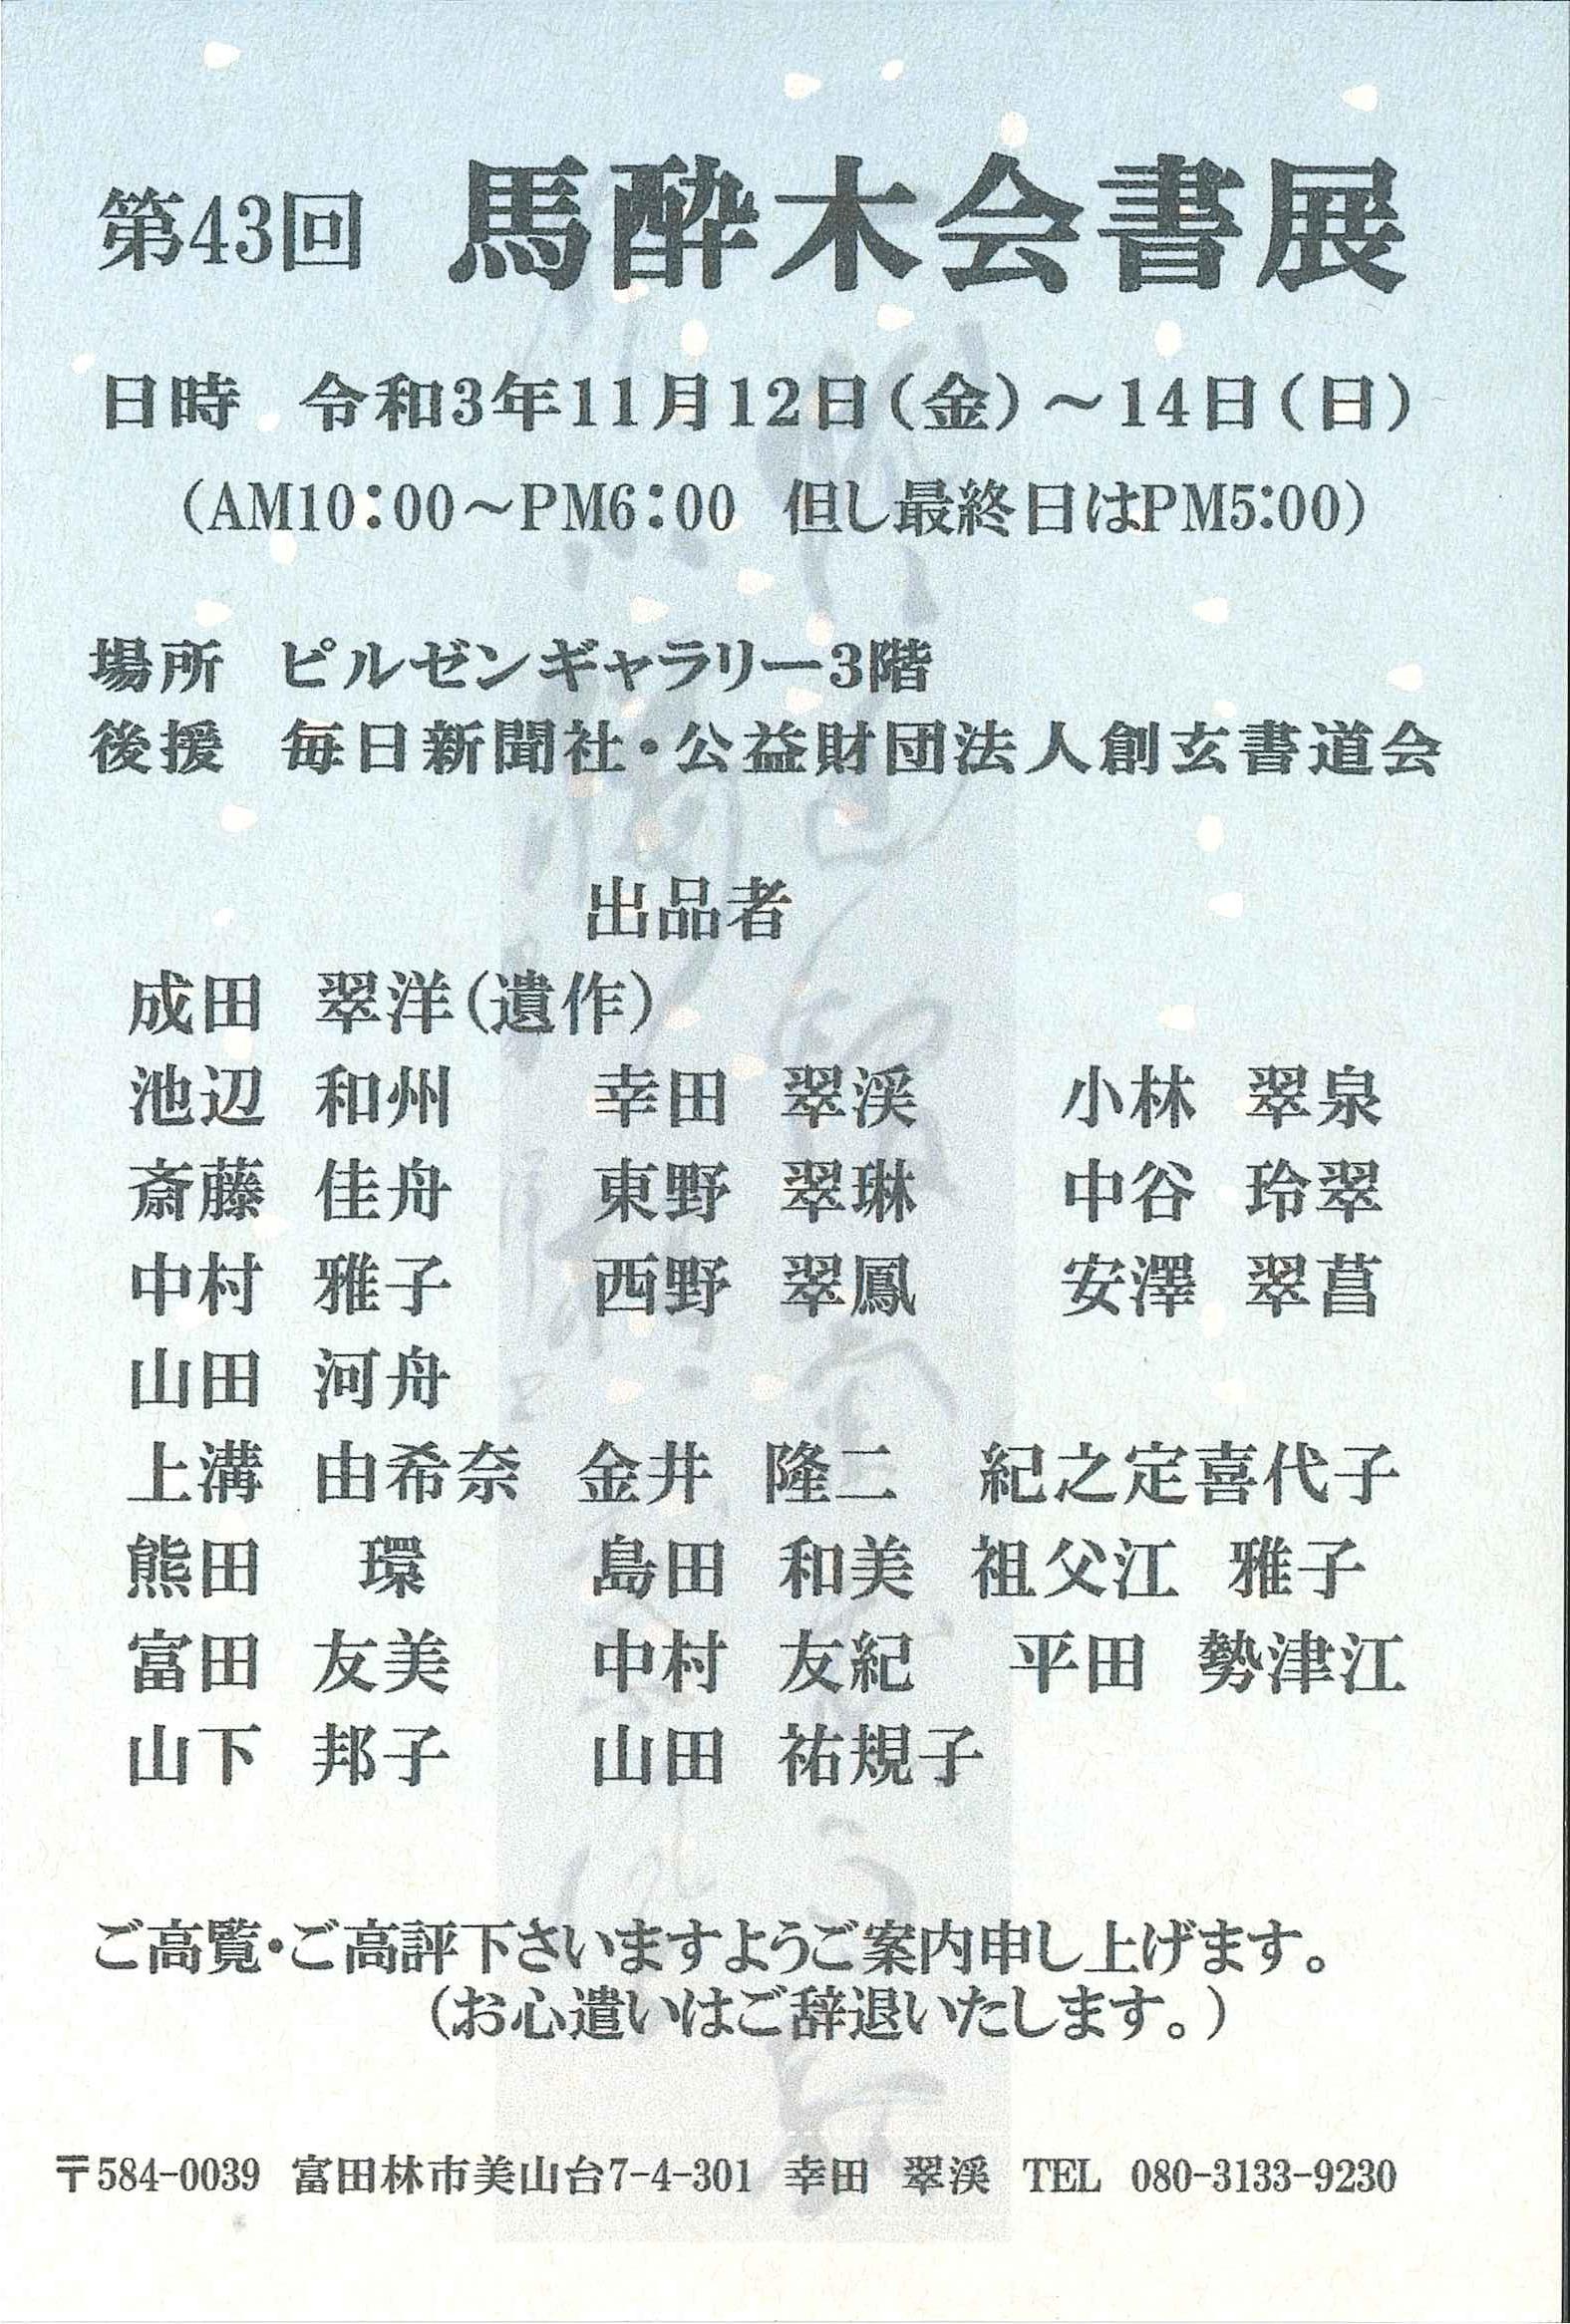 http://www.sogen.or.jp/letter/2021/10/12/20211012121827993_0001.jpg